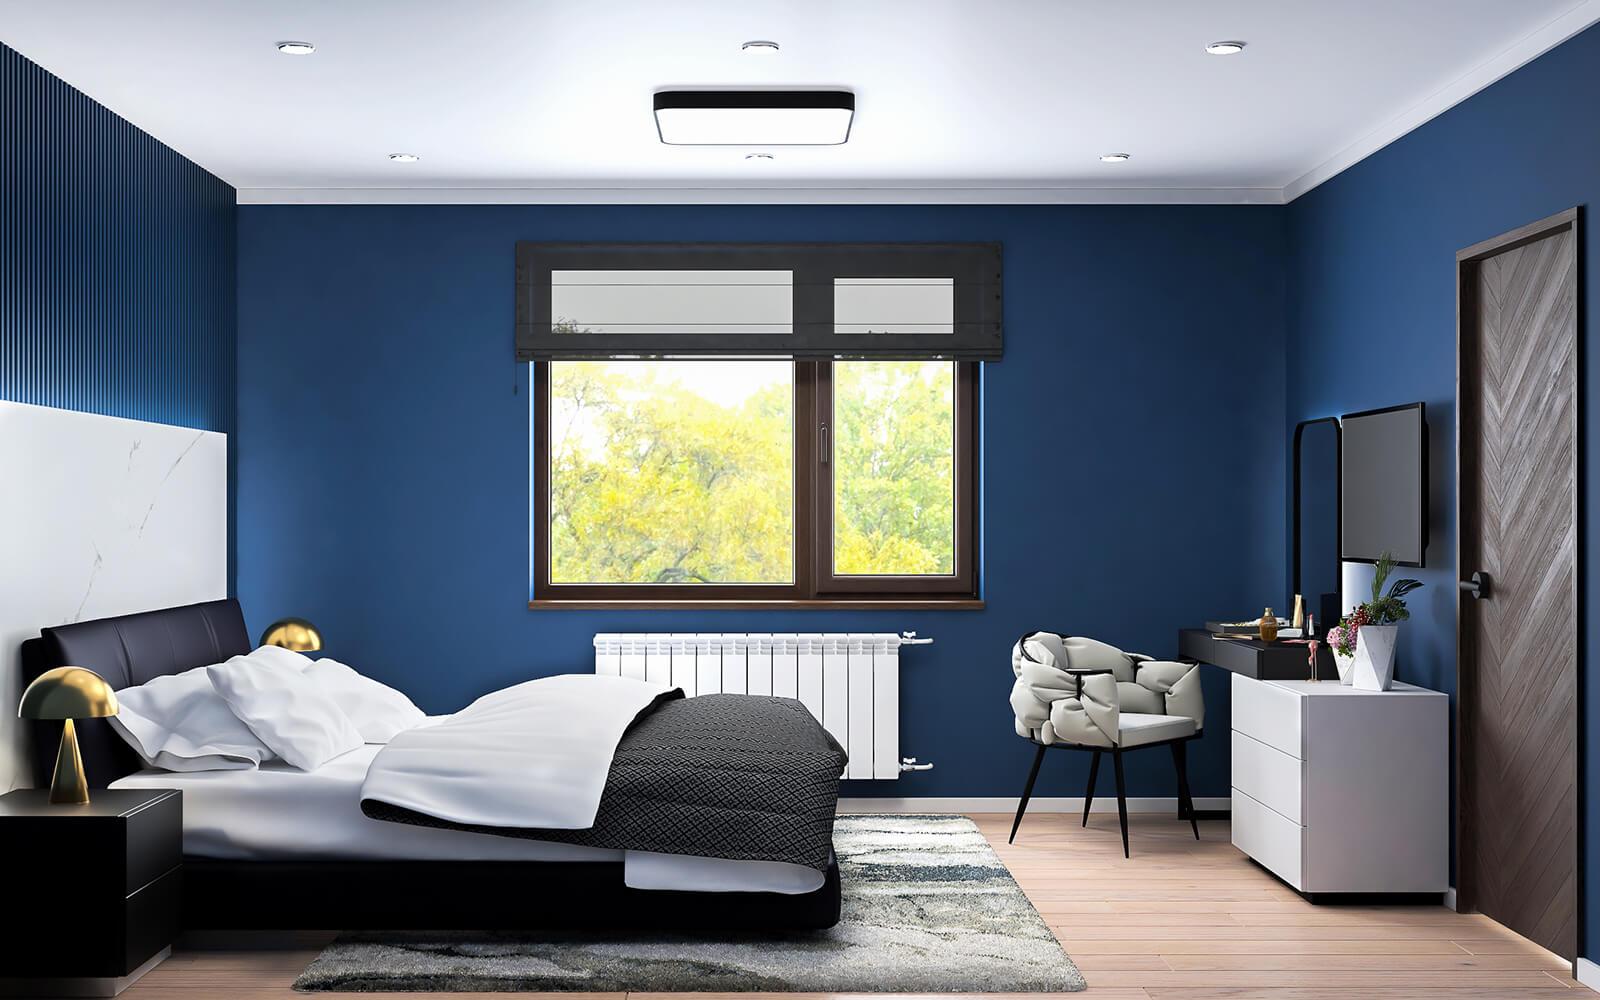 interioren-dizain-na-vtora-spalnya-kum-proekt-nappa- (2)